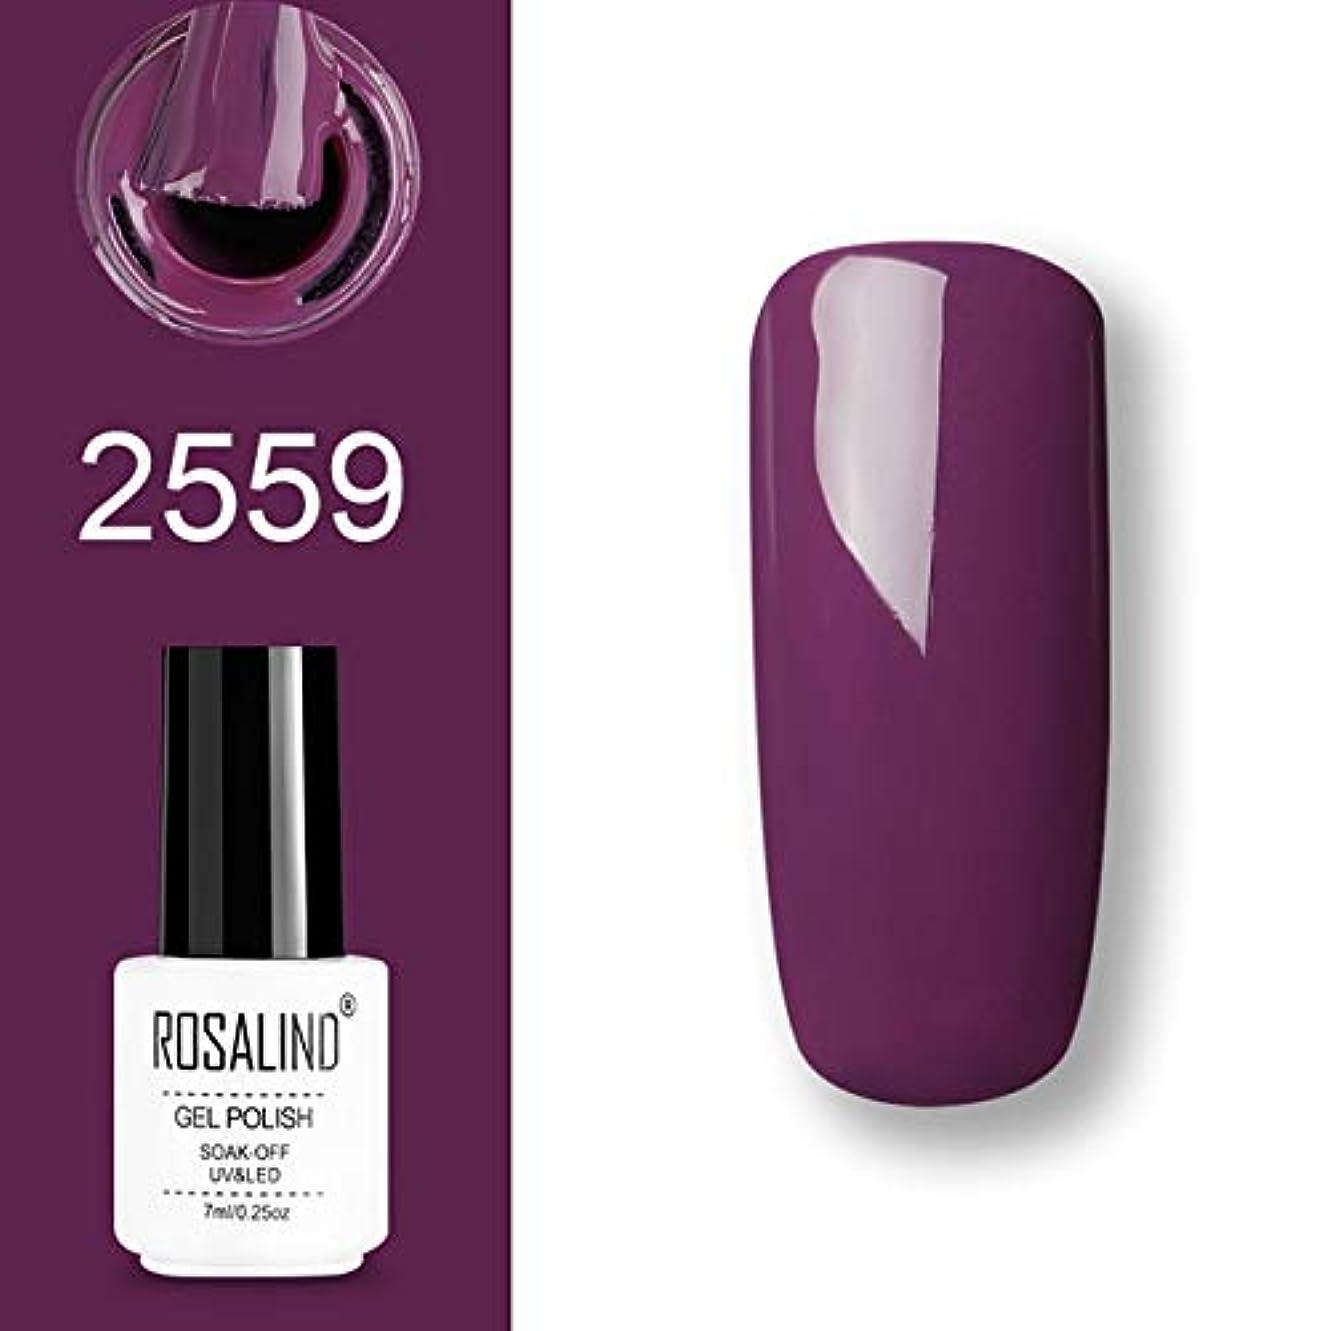 不倫経験制限ファッションアイテム ROSALINDジェルポリッシュセットUV半永久プライマートップコートポリジェルニスネイルアートマニキュアジェル、容量:7ml 2559。 環境に優しいマニキュア